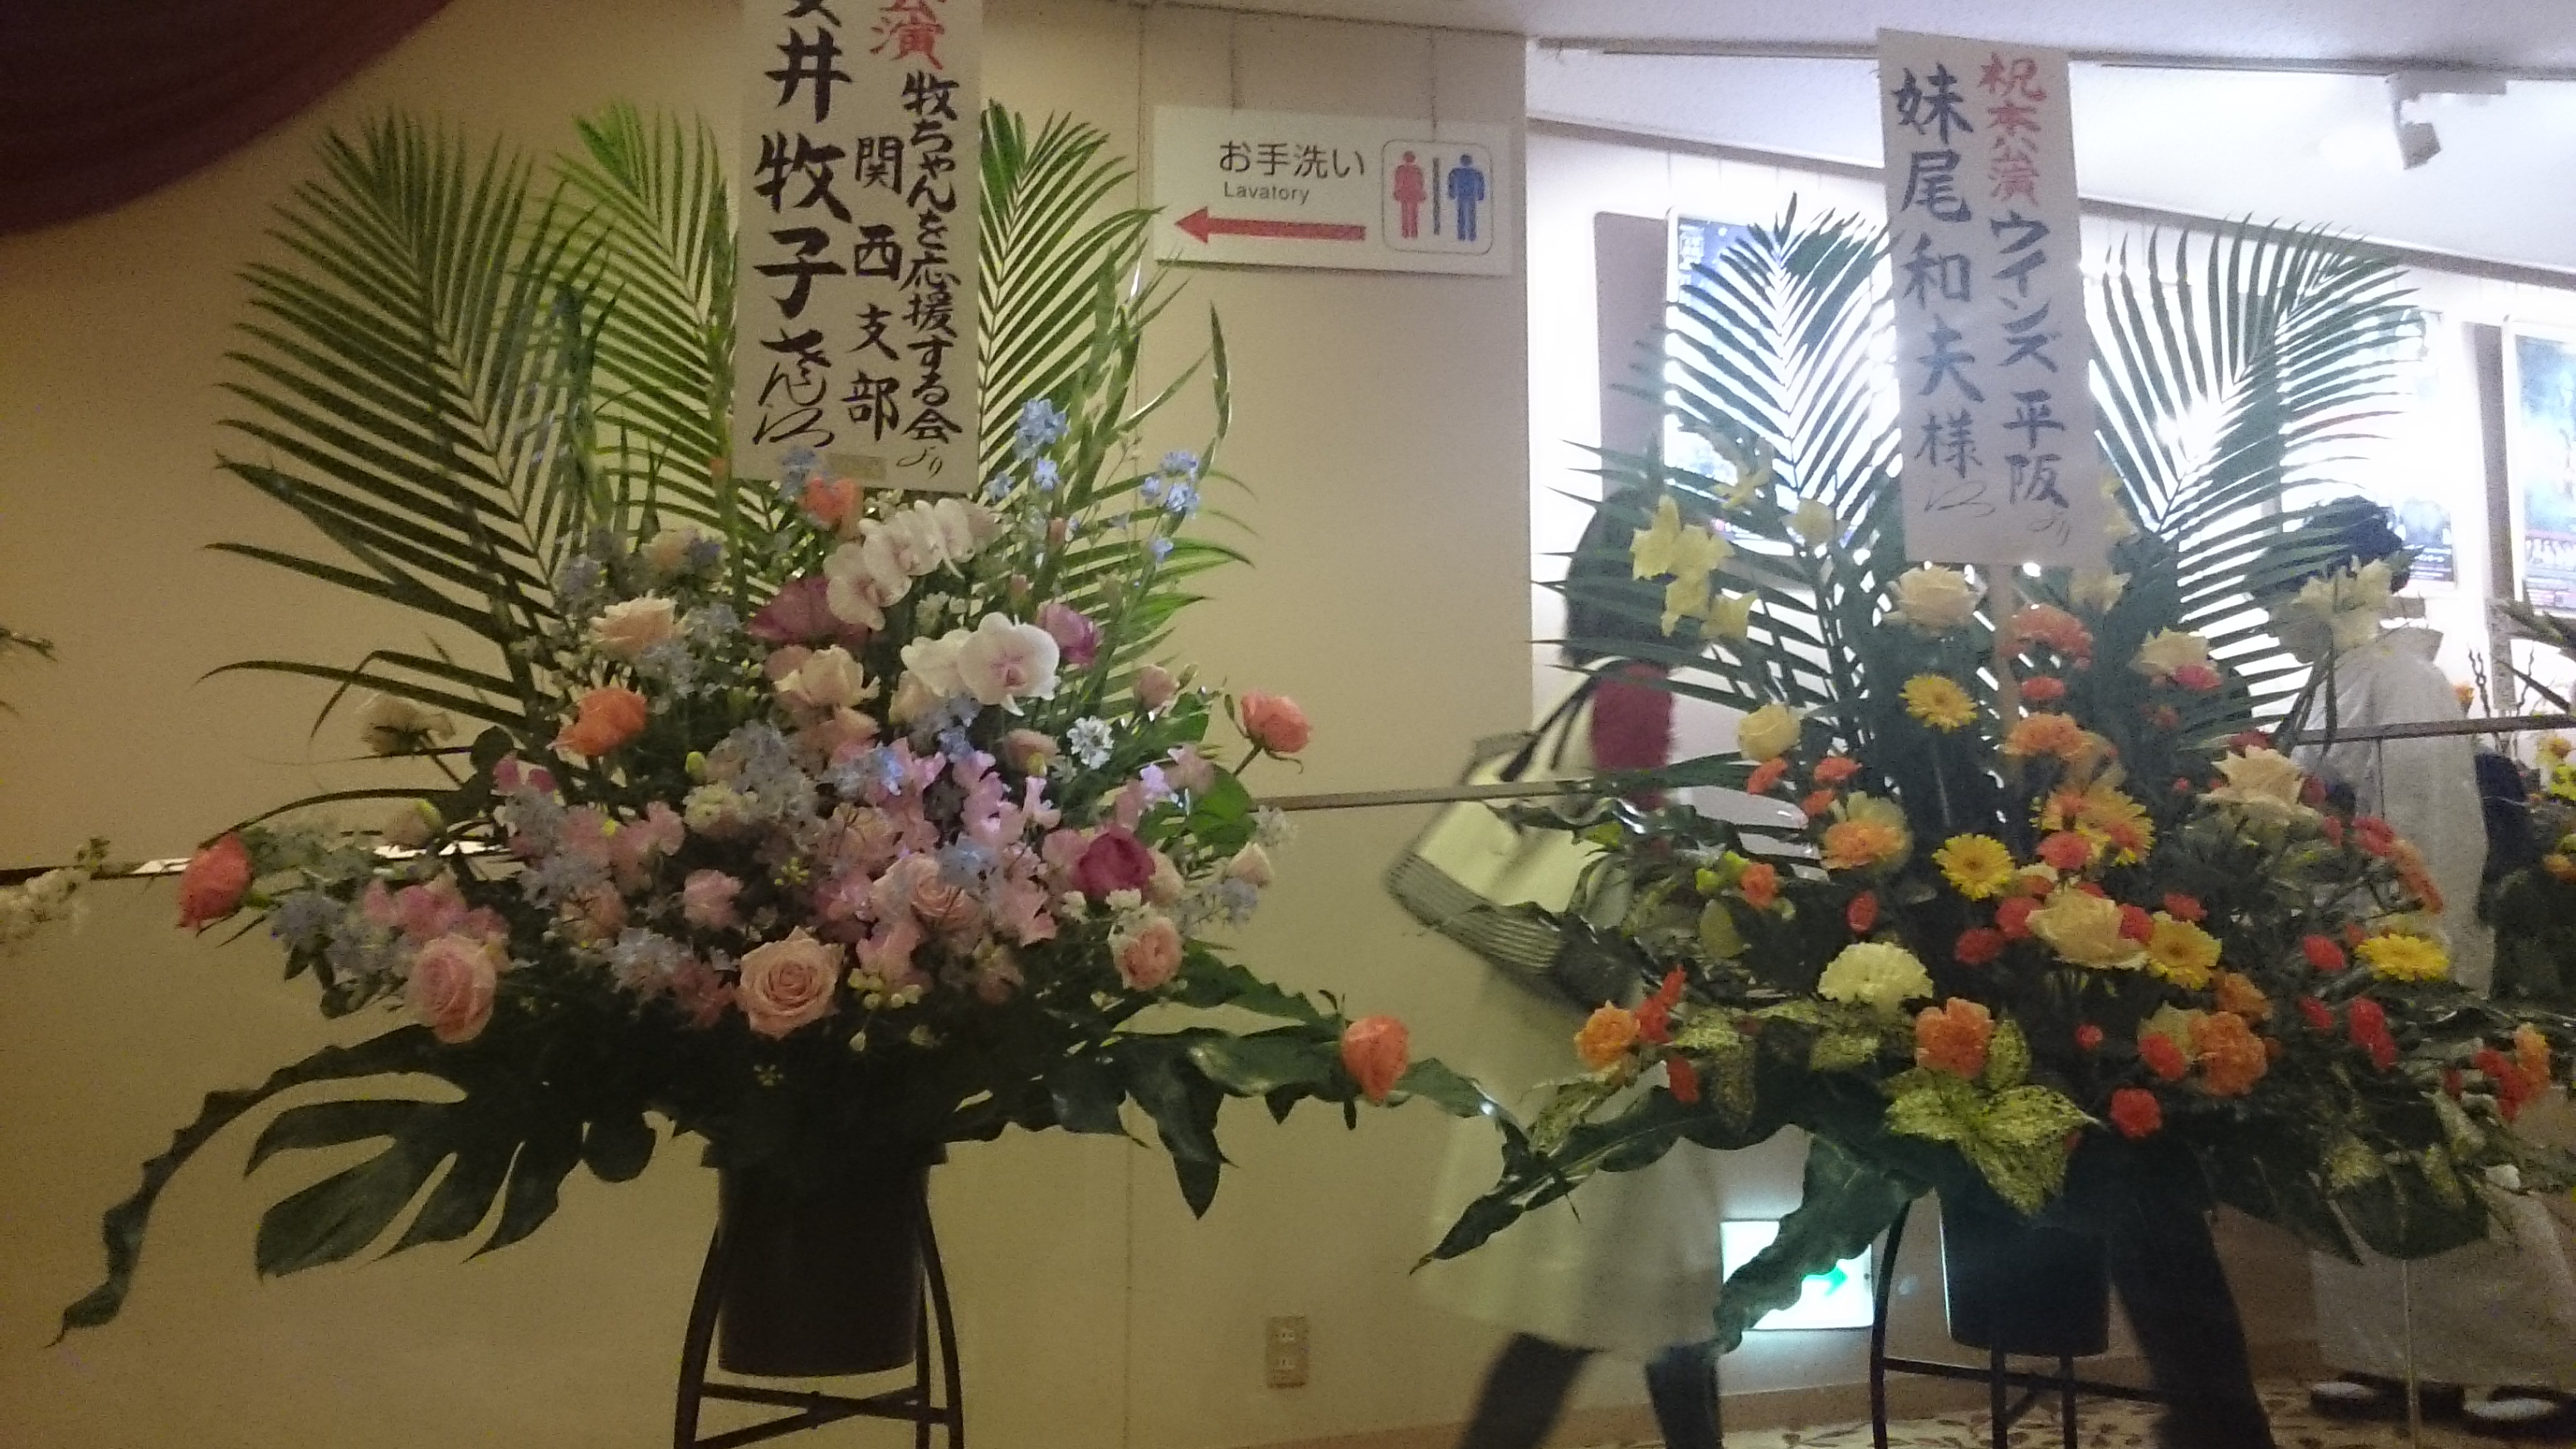 安井・妹尾さんの花